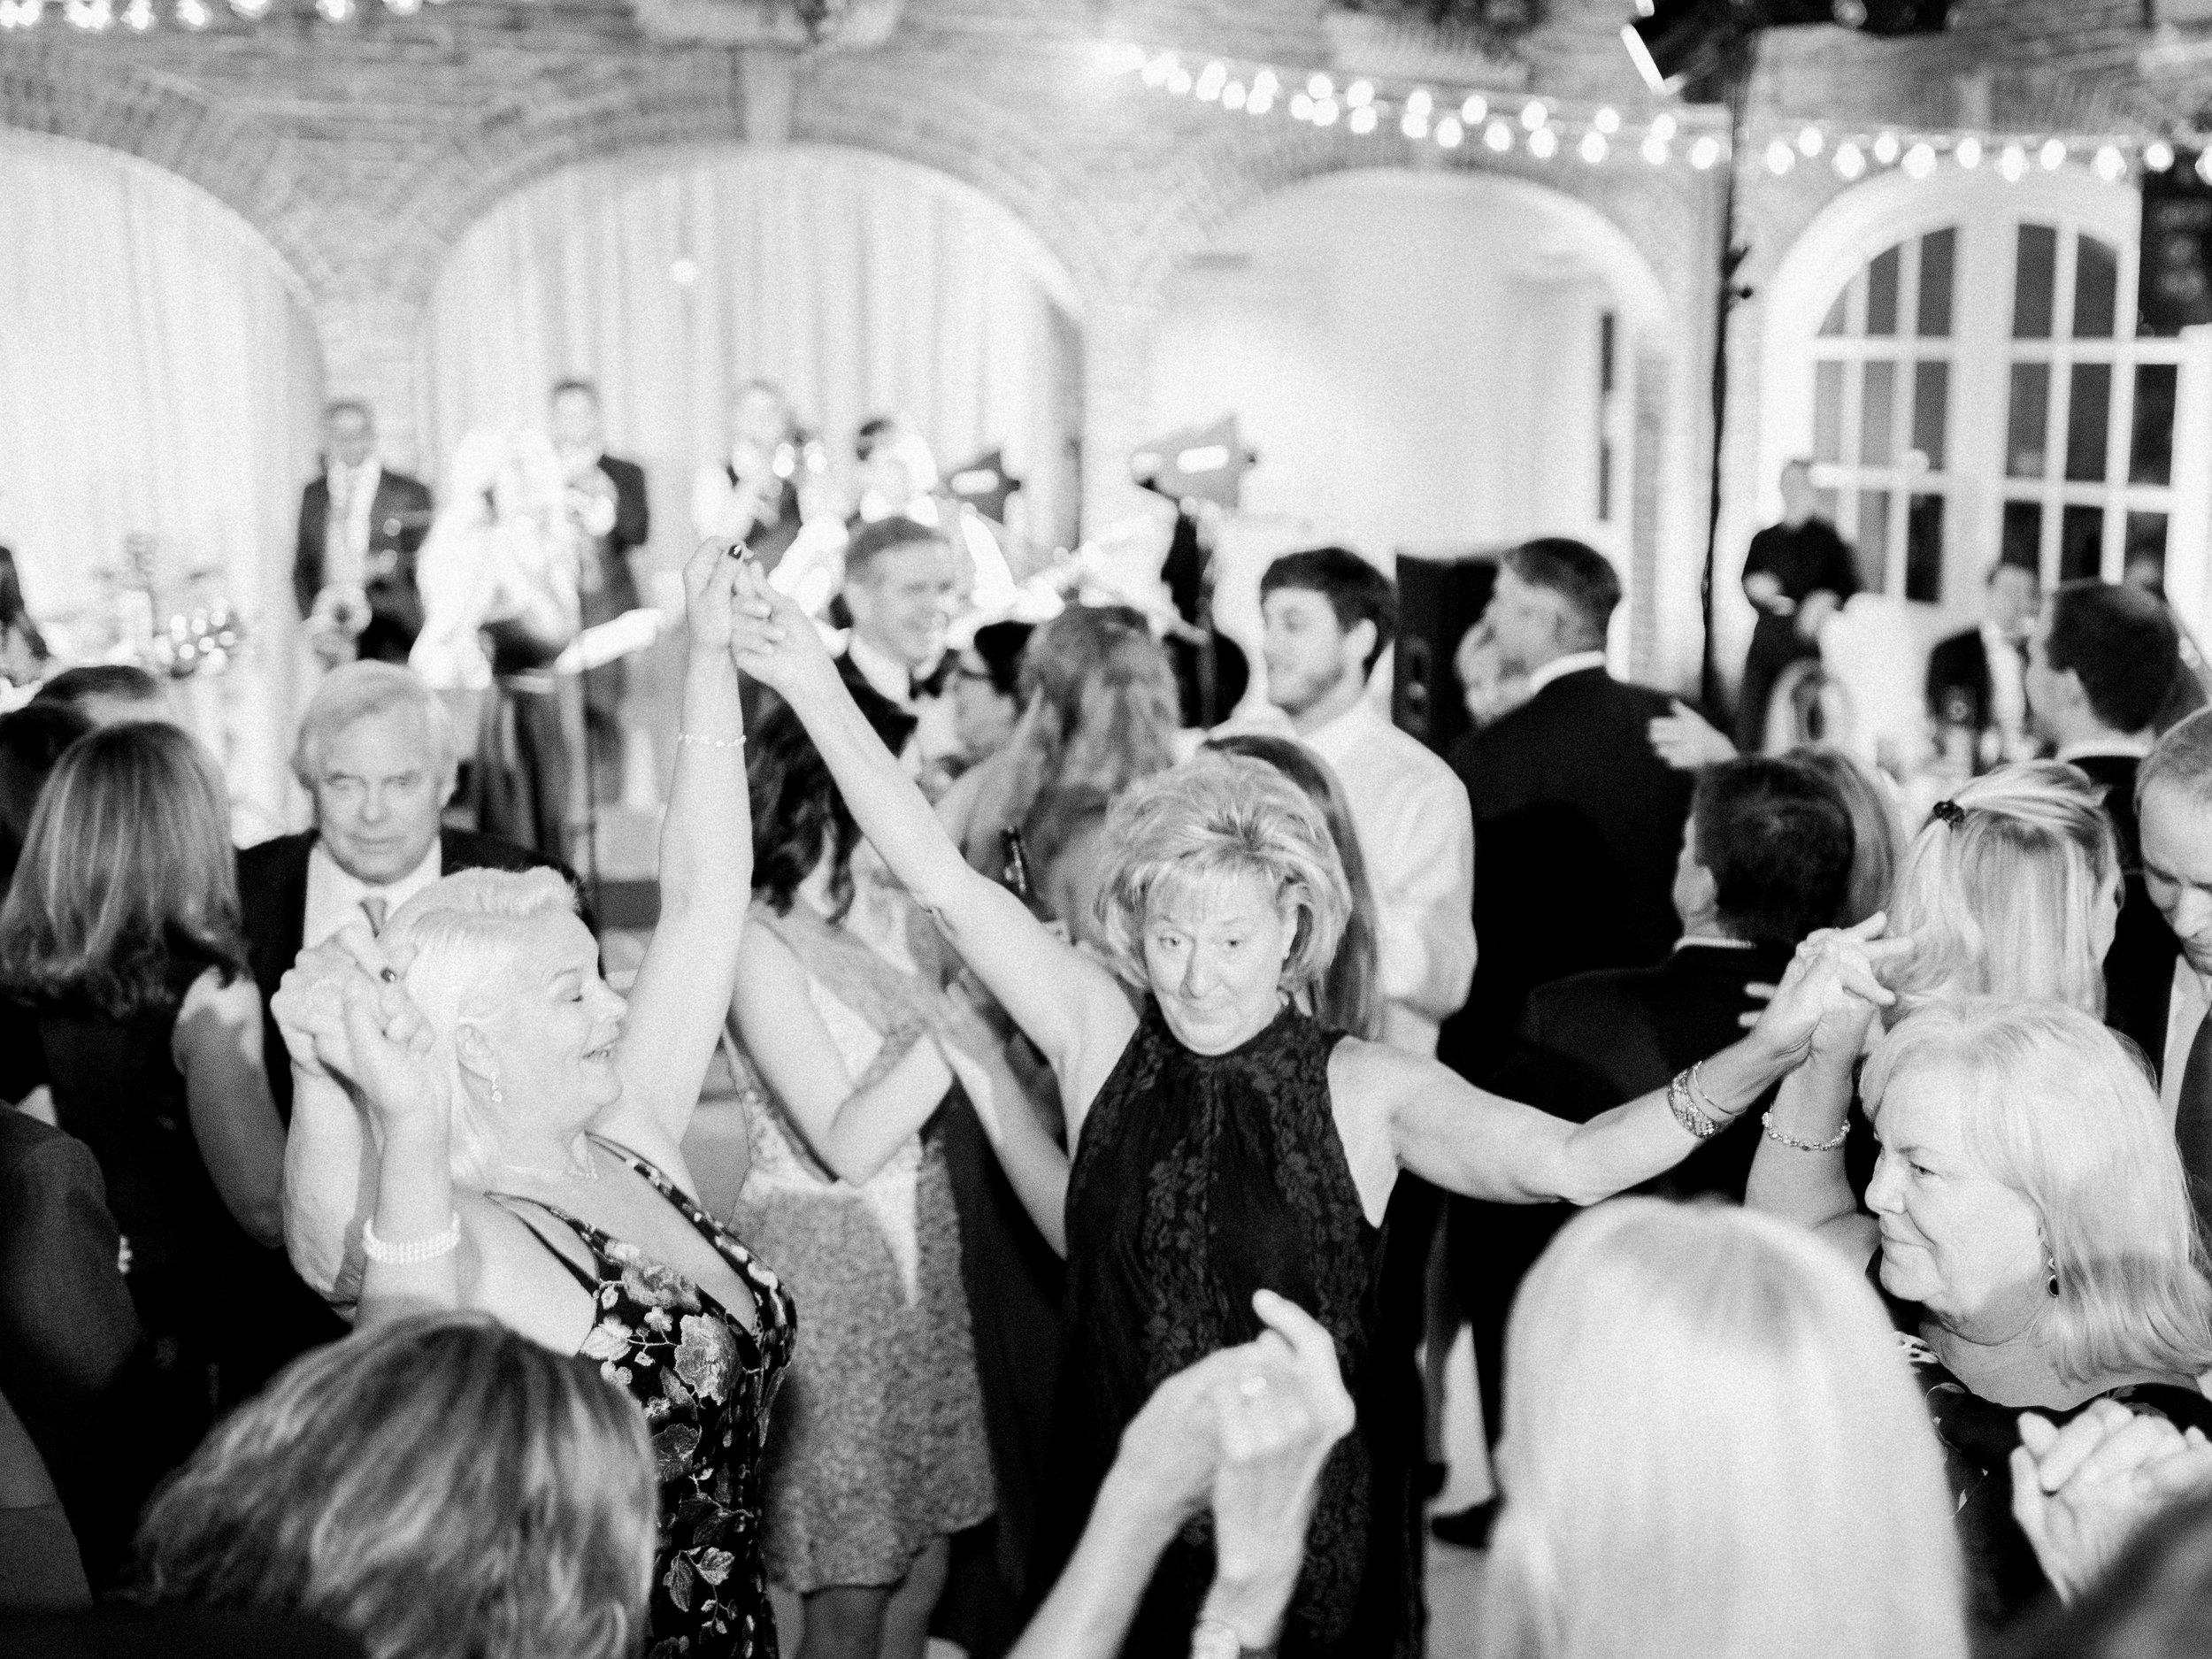 Williamson_Dancing_042.jpg